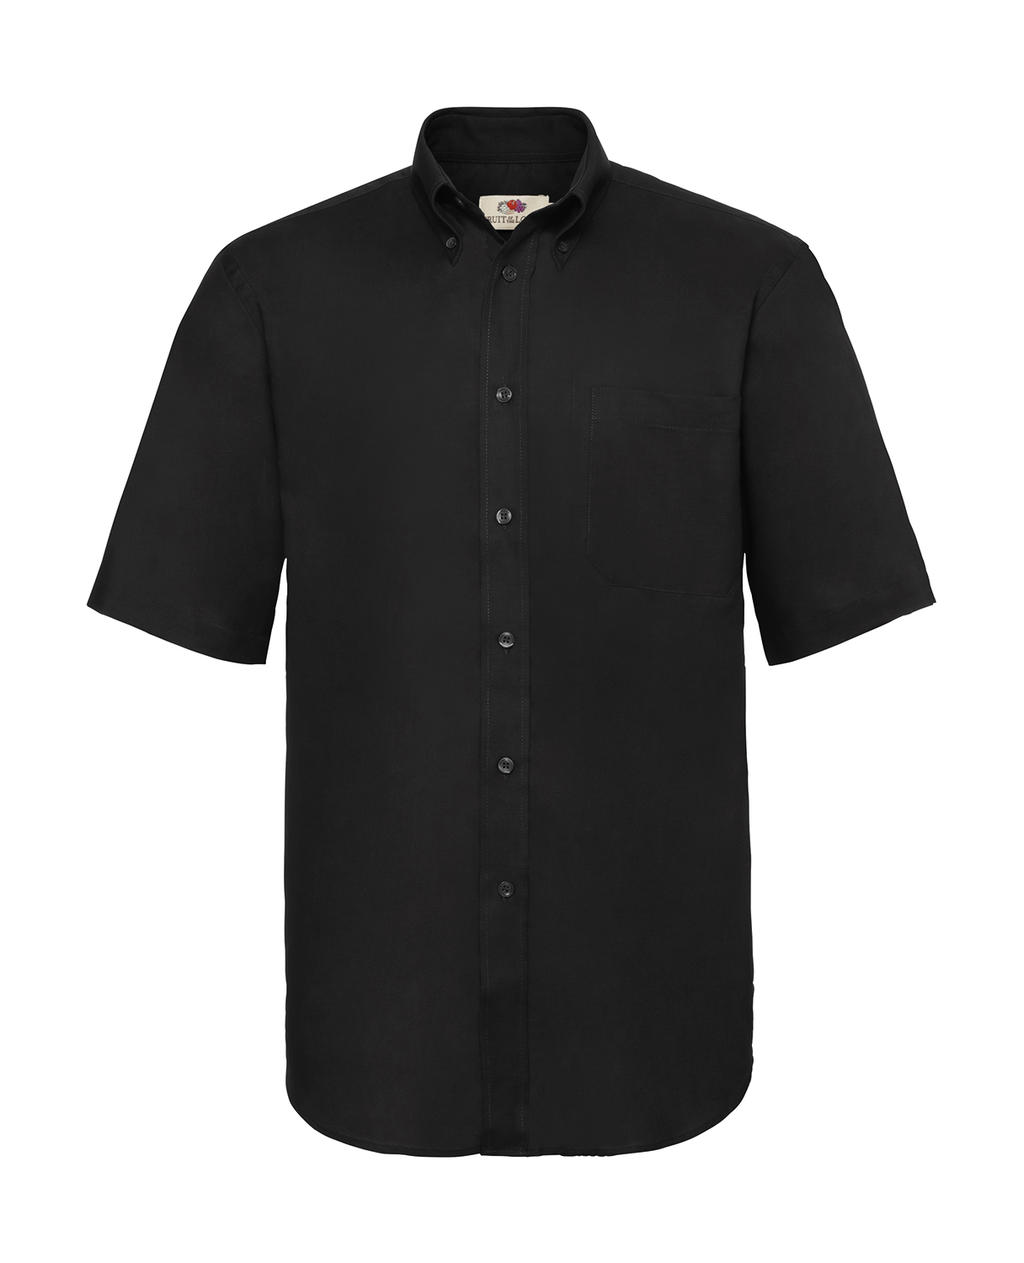 Košile Oxford s krátkým rukávem - zvìtšit obrázek